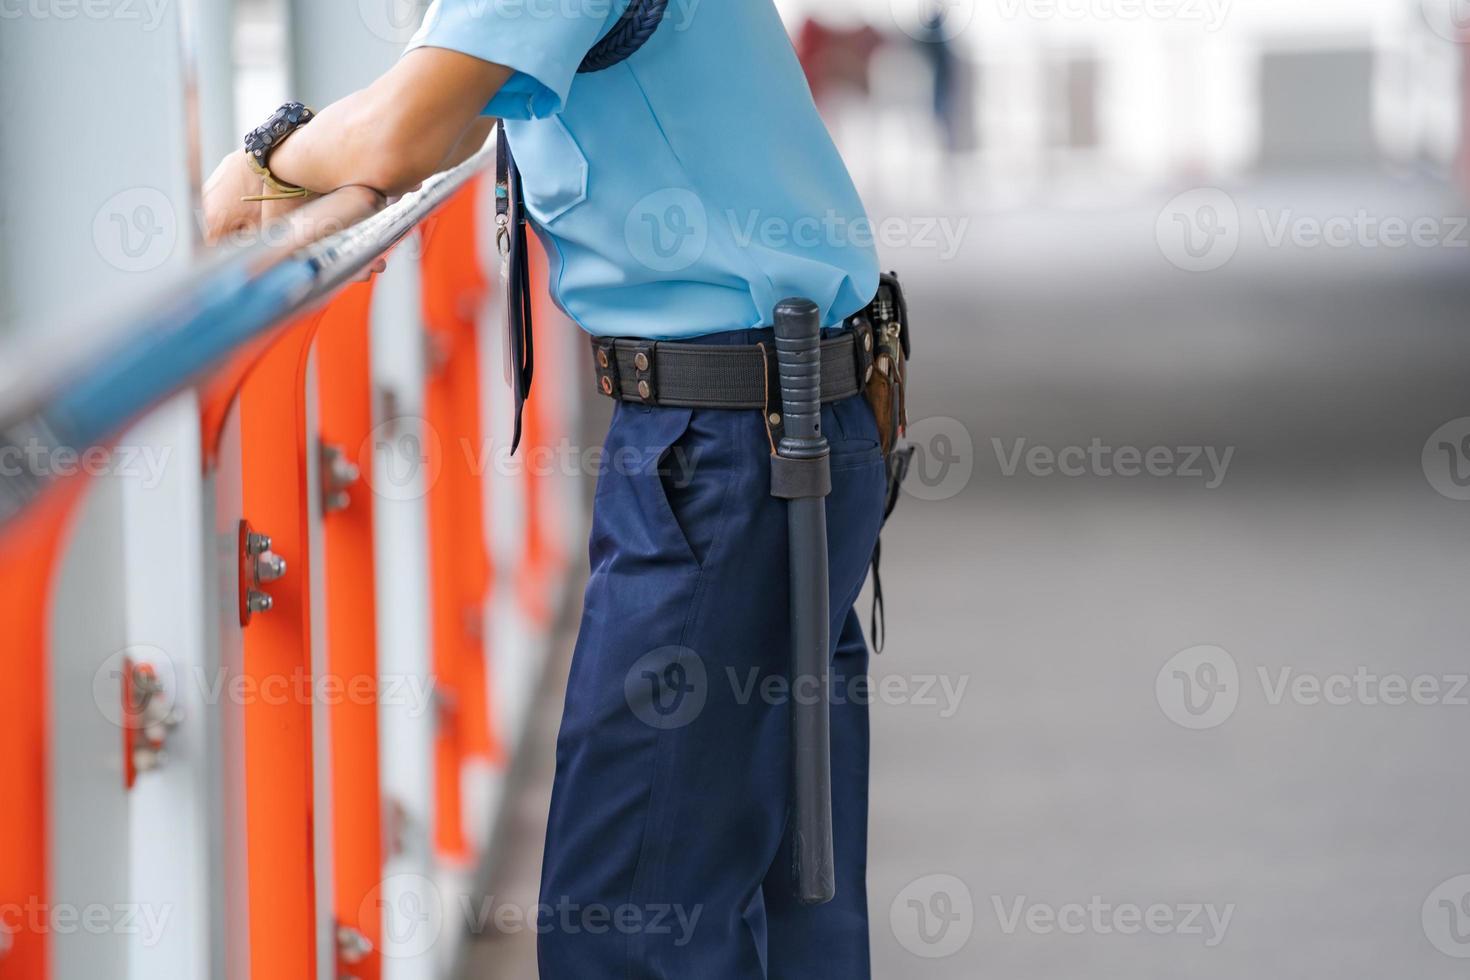 segurança apoiado no corrimão foto